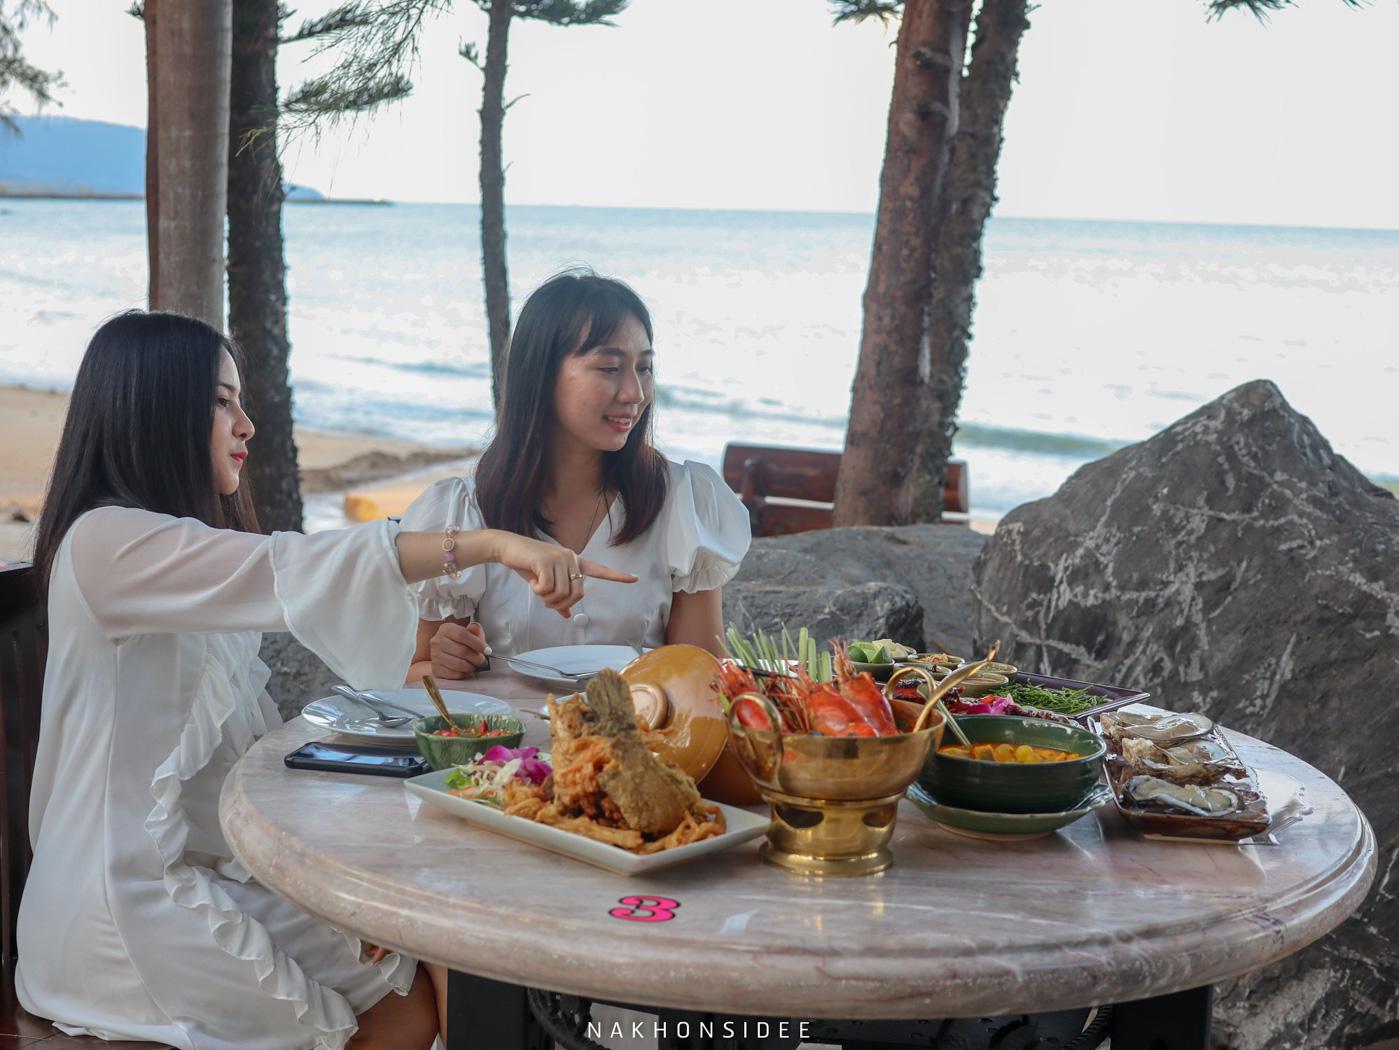 อ่าวสิชล,ซีฟู๊ด,ของกิน,ร้านอาหารทะเล,ริมทะเล,สิชล